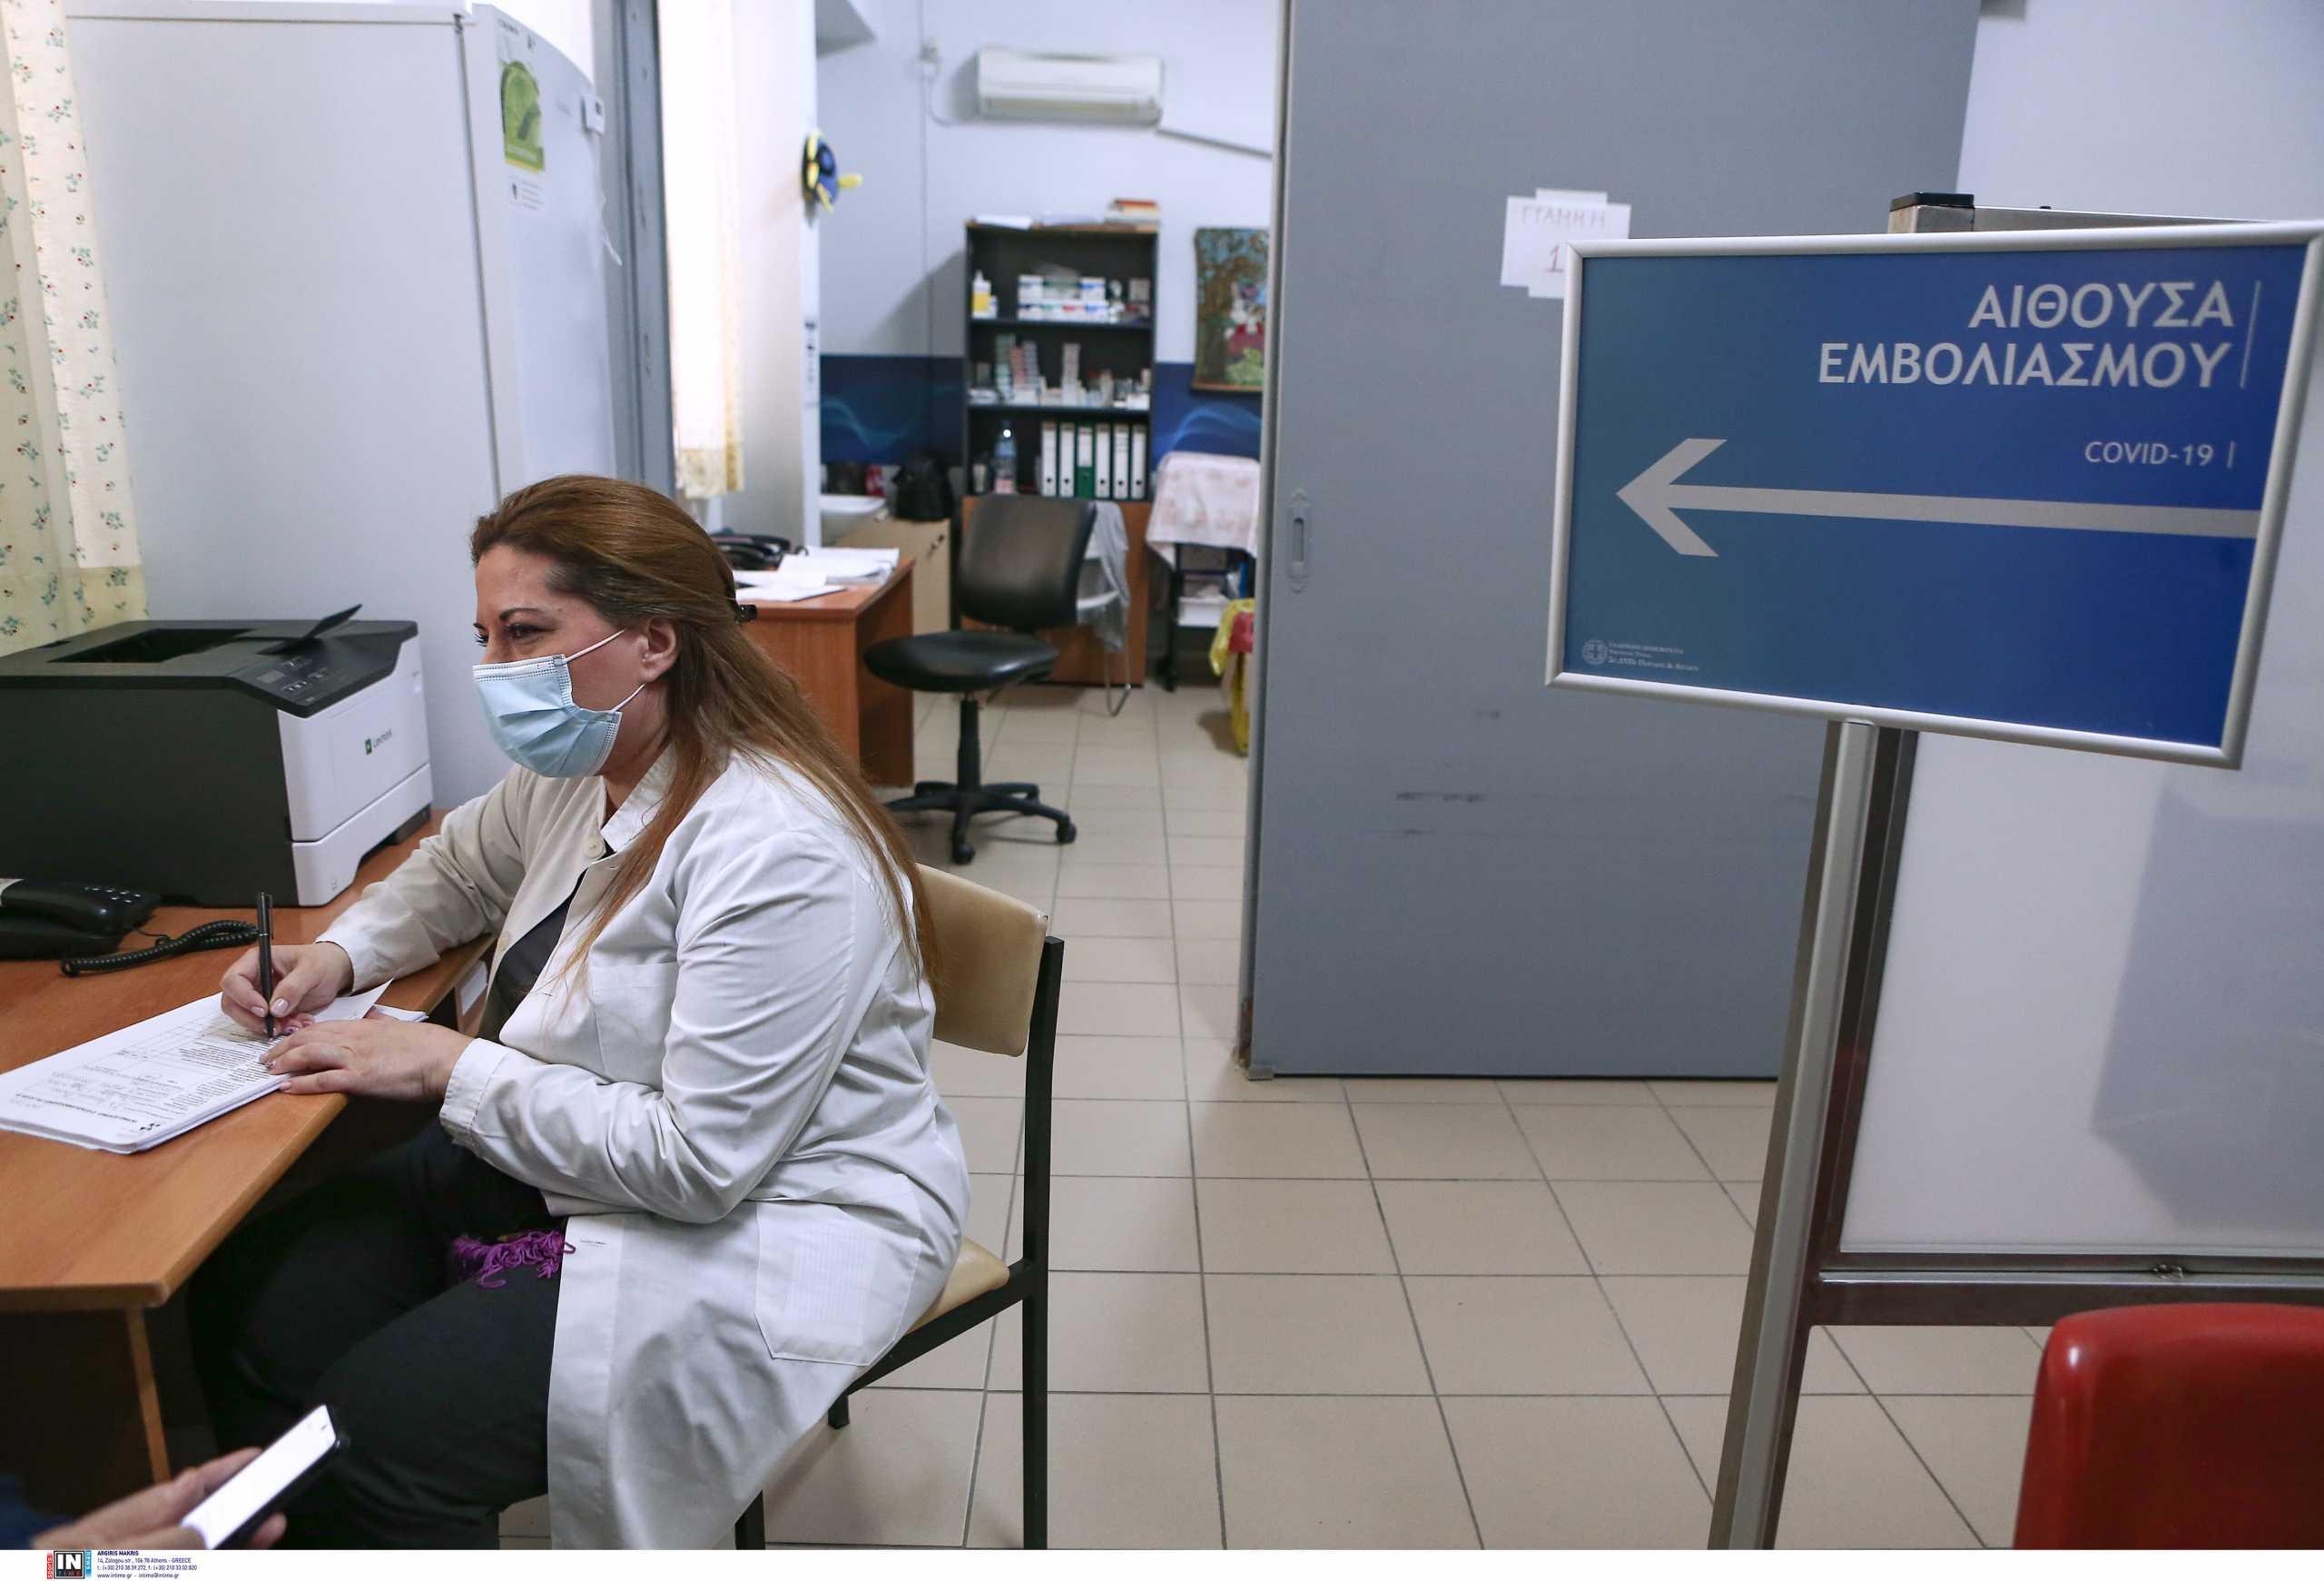 Θεσσαλονίκη: Το 90% των άνω των 65 ετών έχει εμβολιαστεί κατά του κορονοϊού